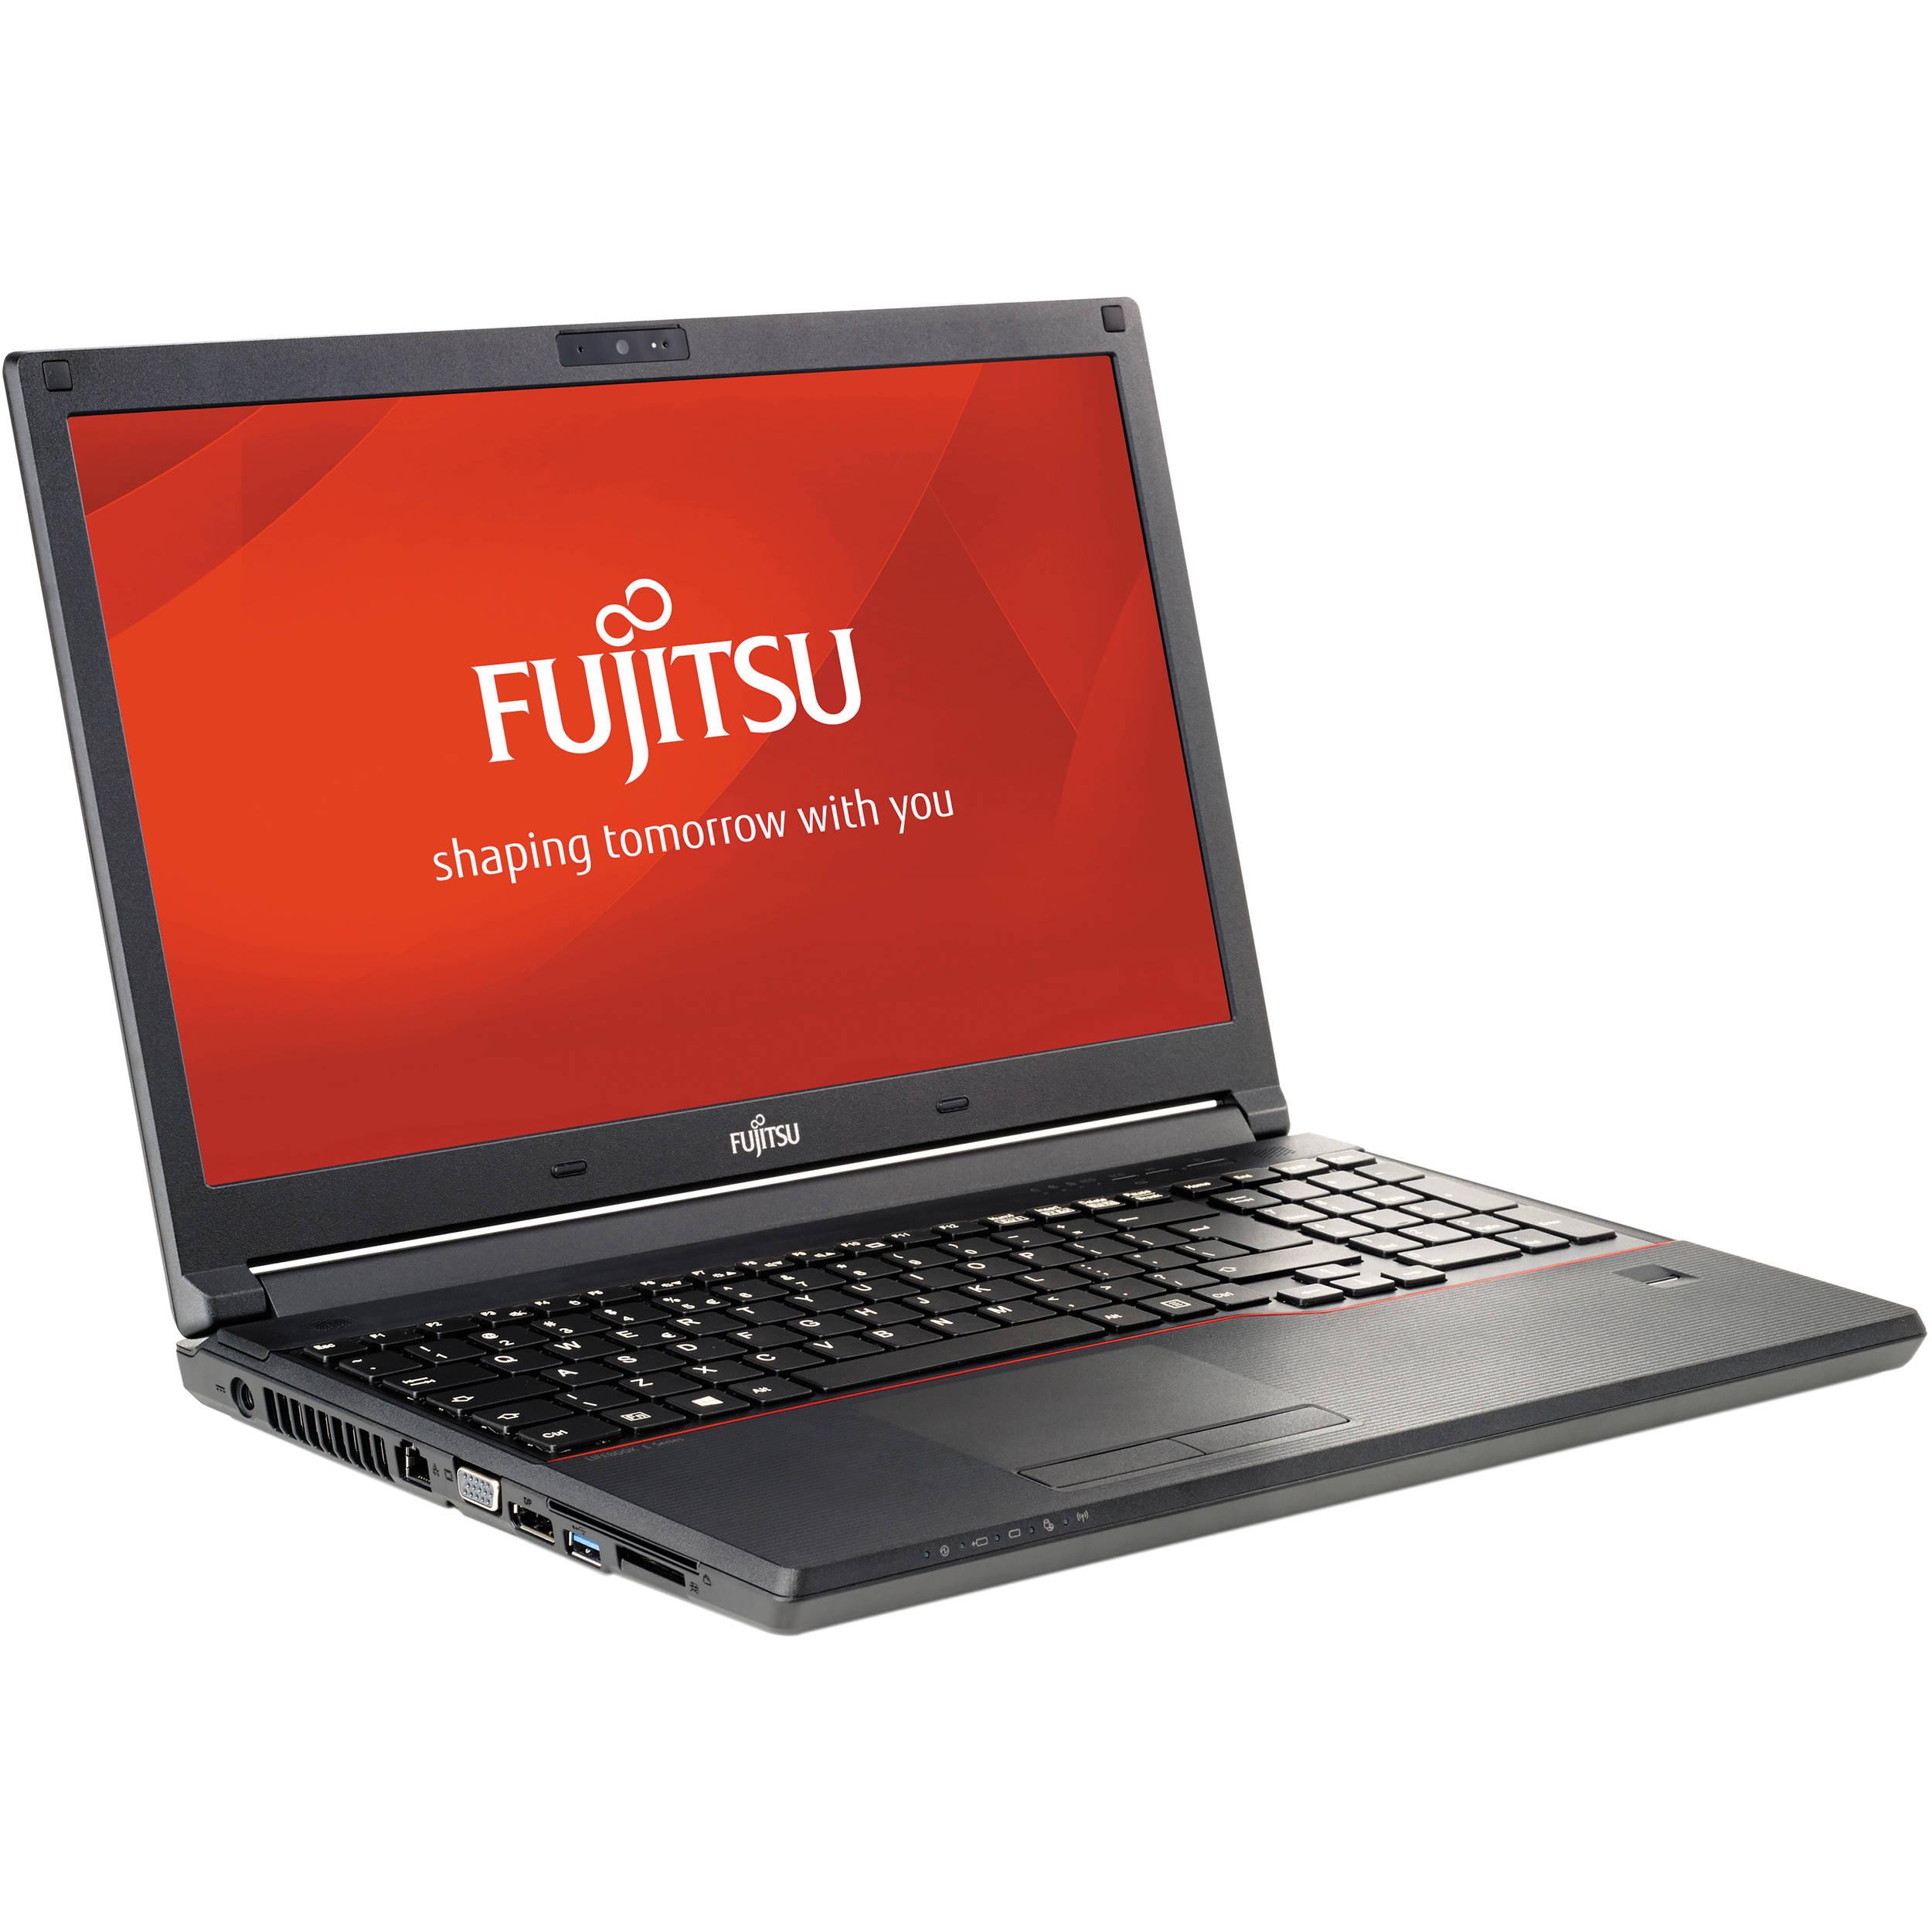 fujitsu_spfc_e554_001_e554_i5_4210m_4gb_500gb_windows7p_windows8_1_15_6_1082601.jpg